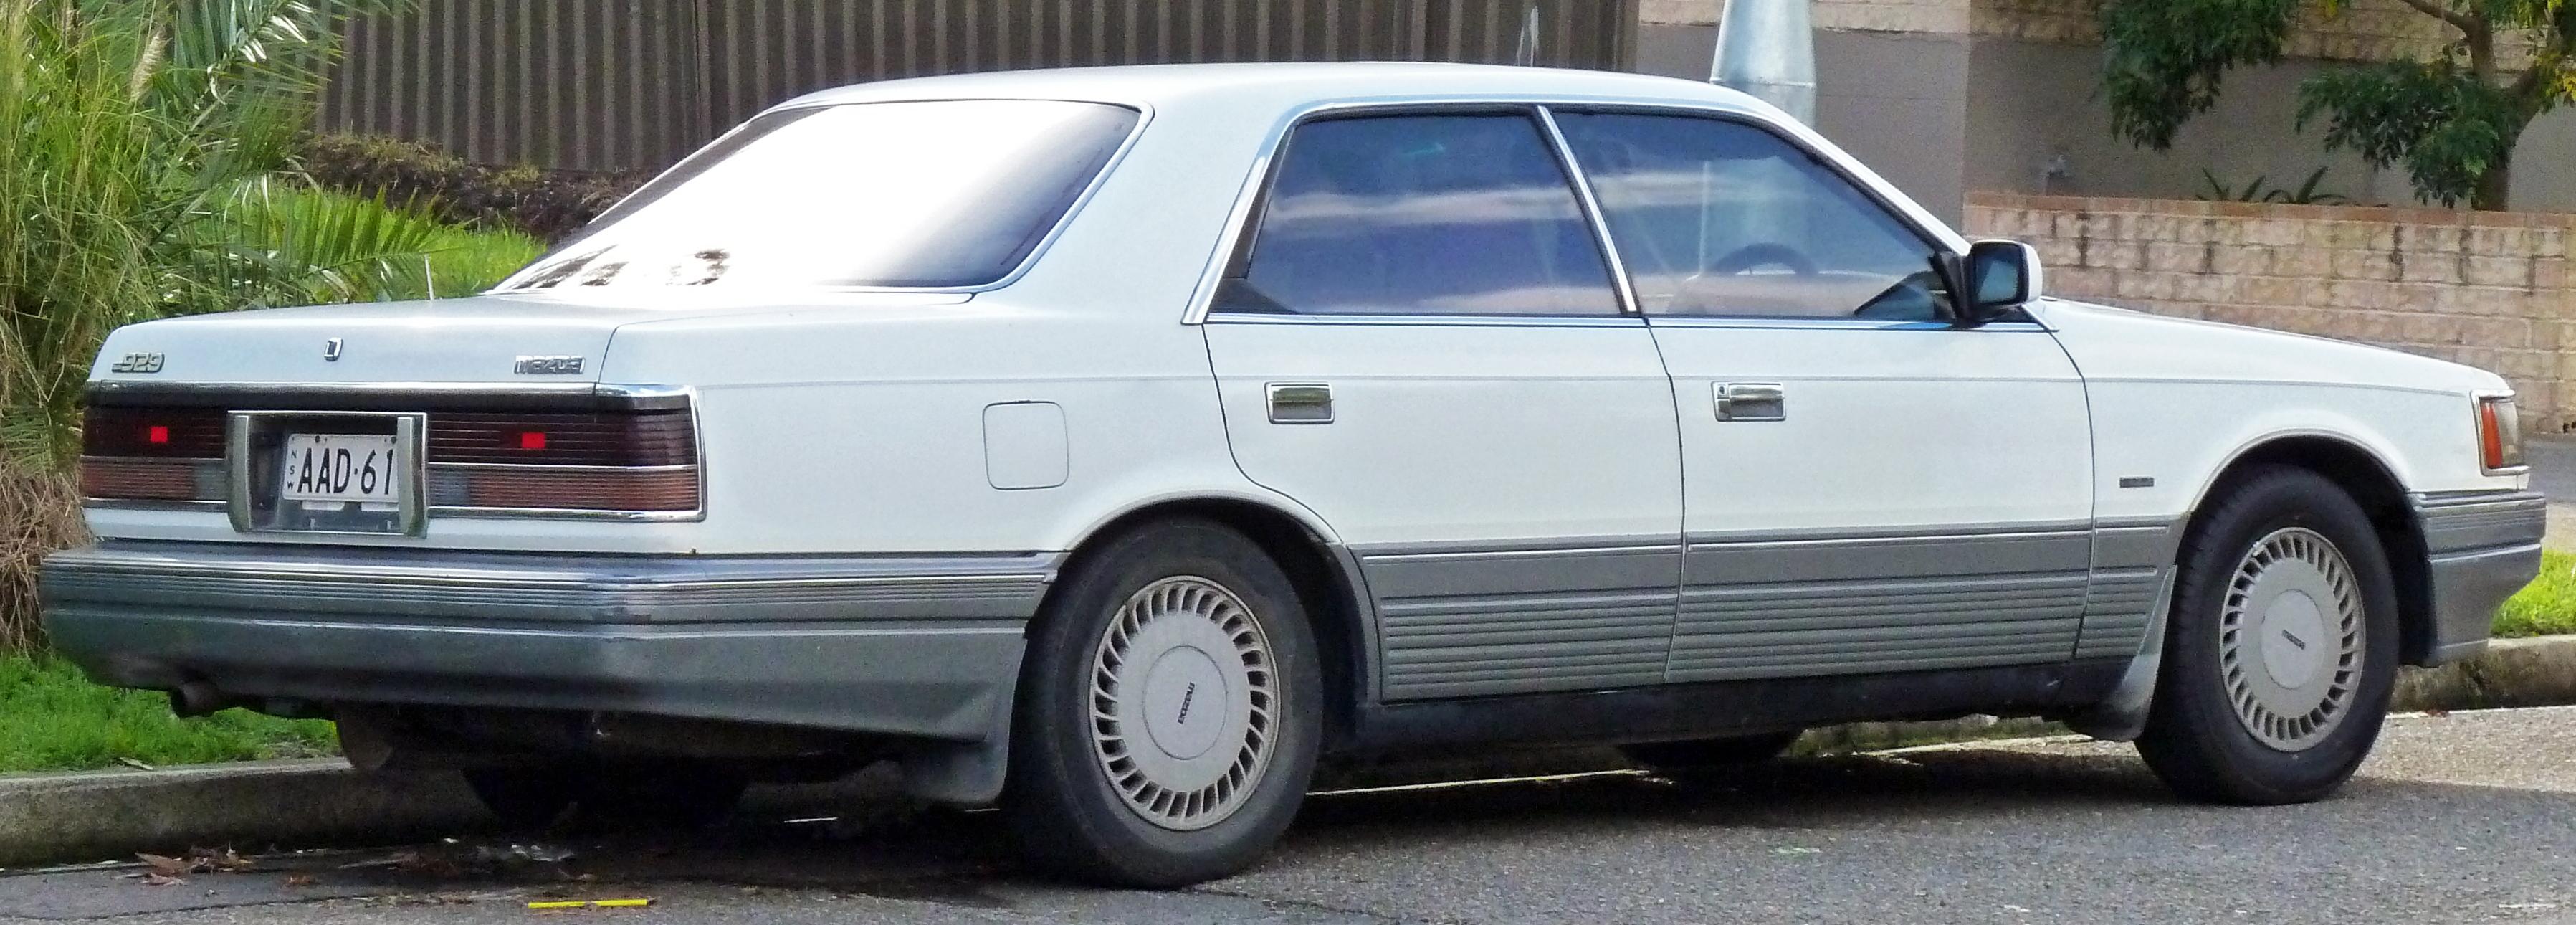 File 1987 1989 Mazda 929 Hc Hardtop 2010 07 21 02 Jpg